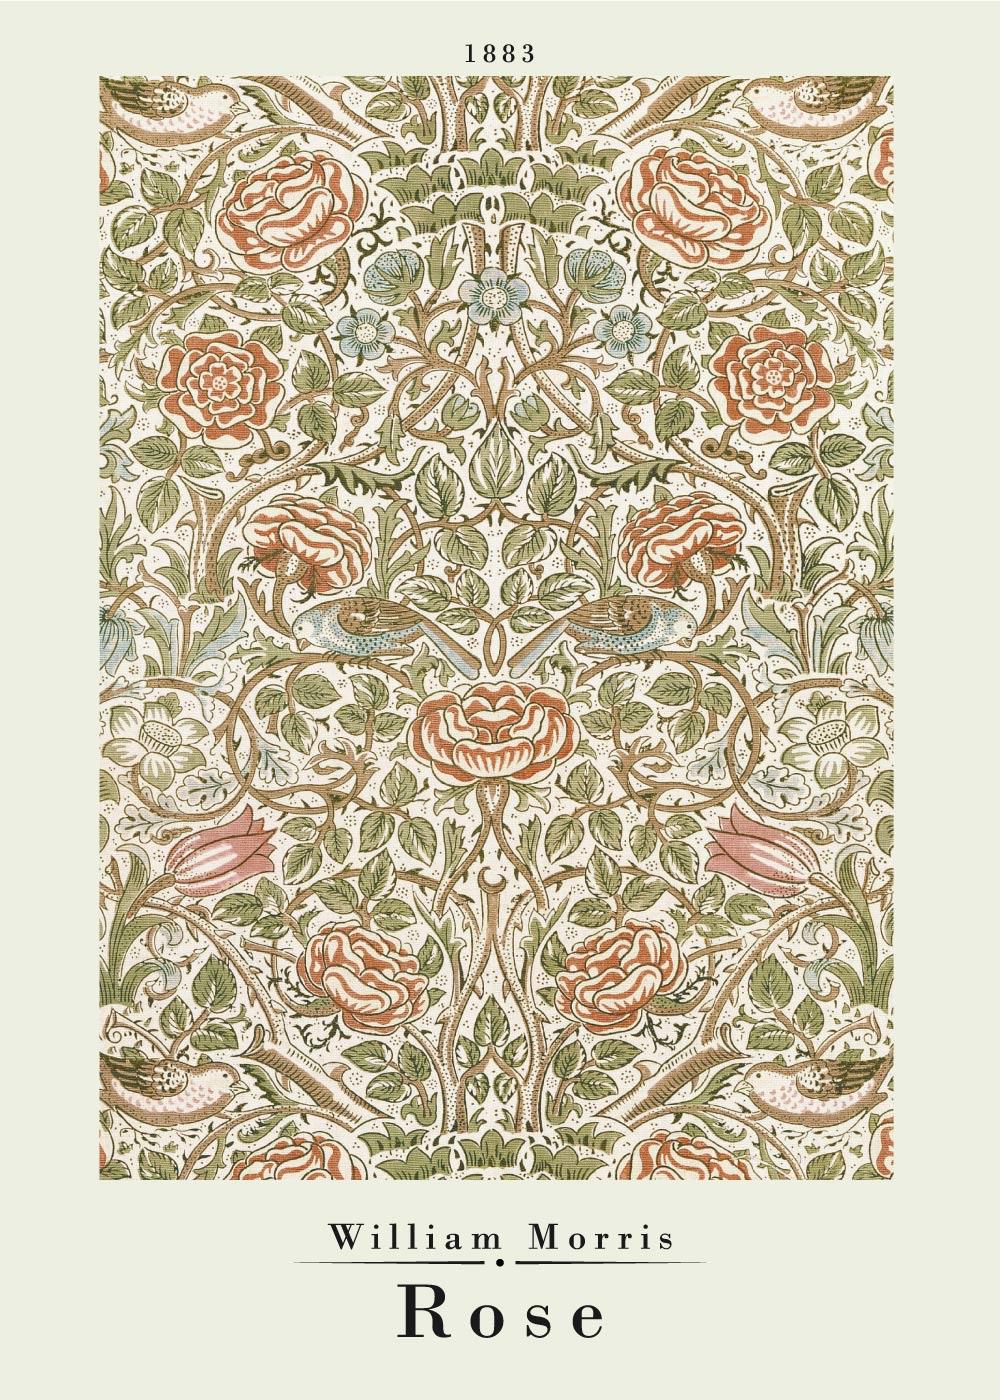 Billede af Rose - William Morris kunstplakat